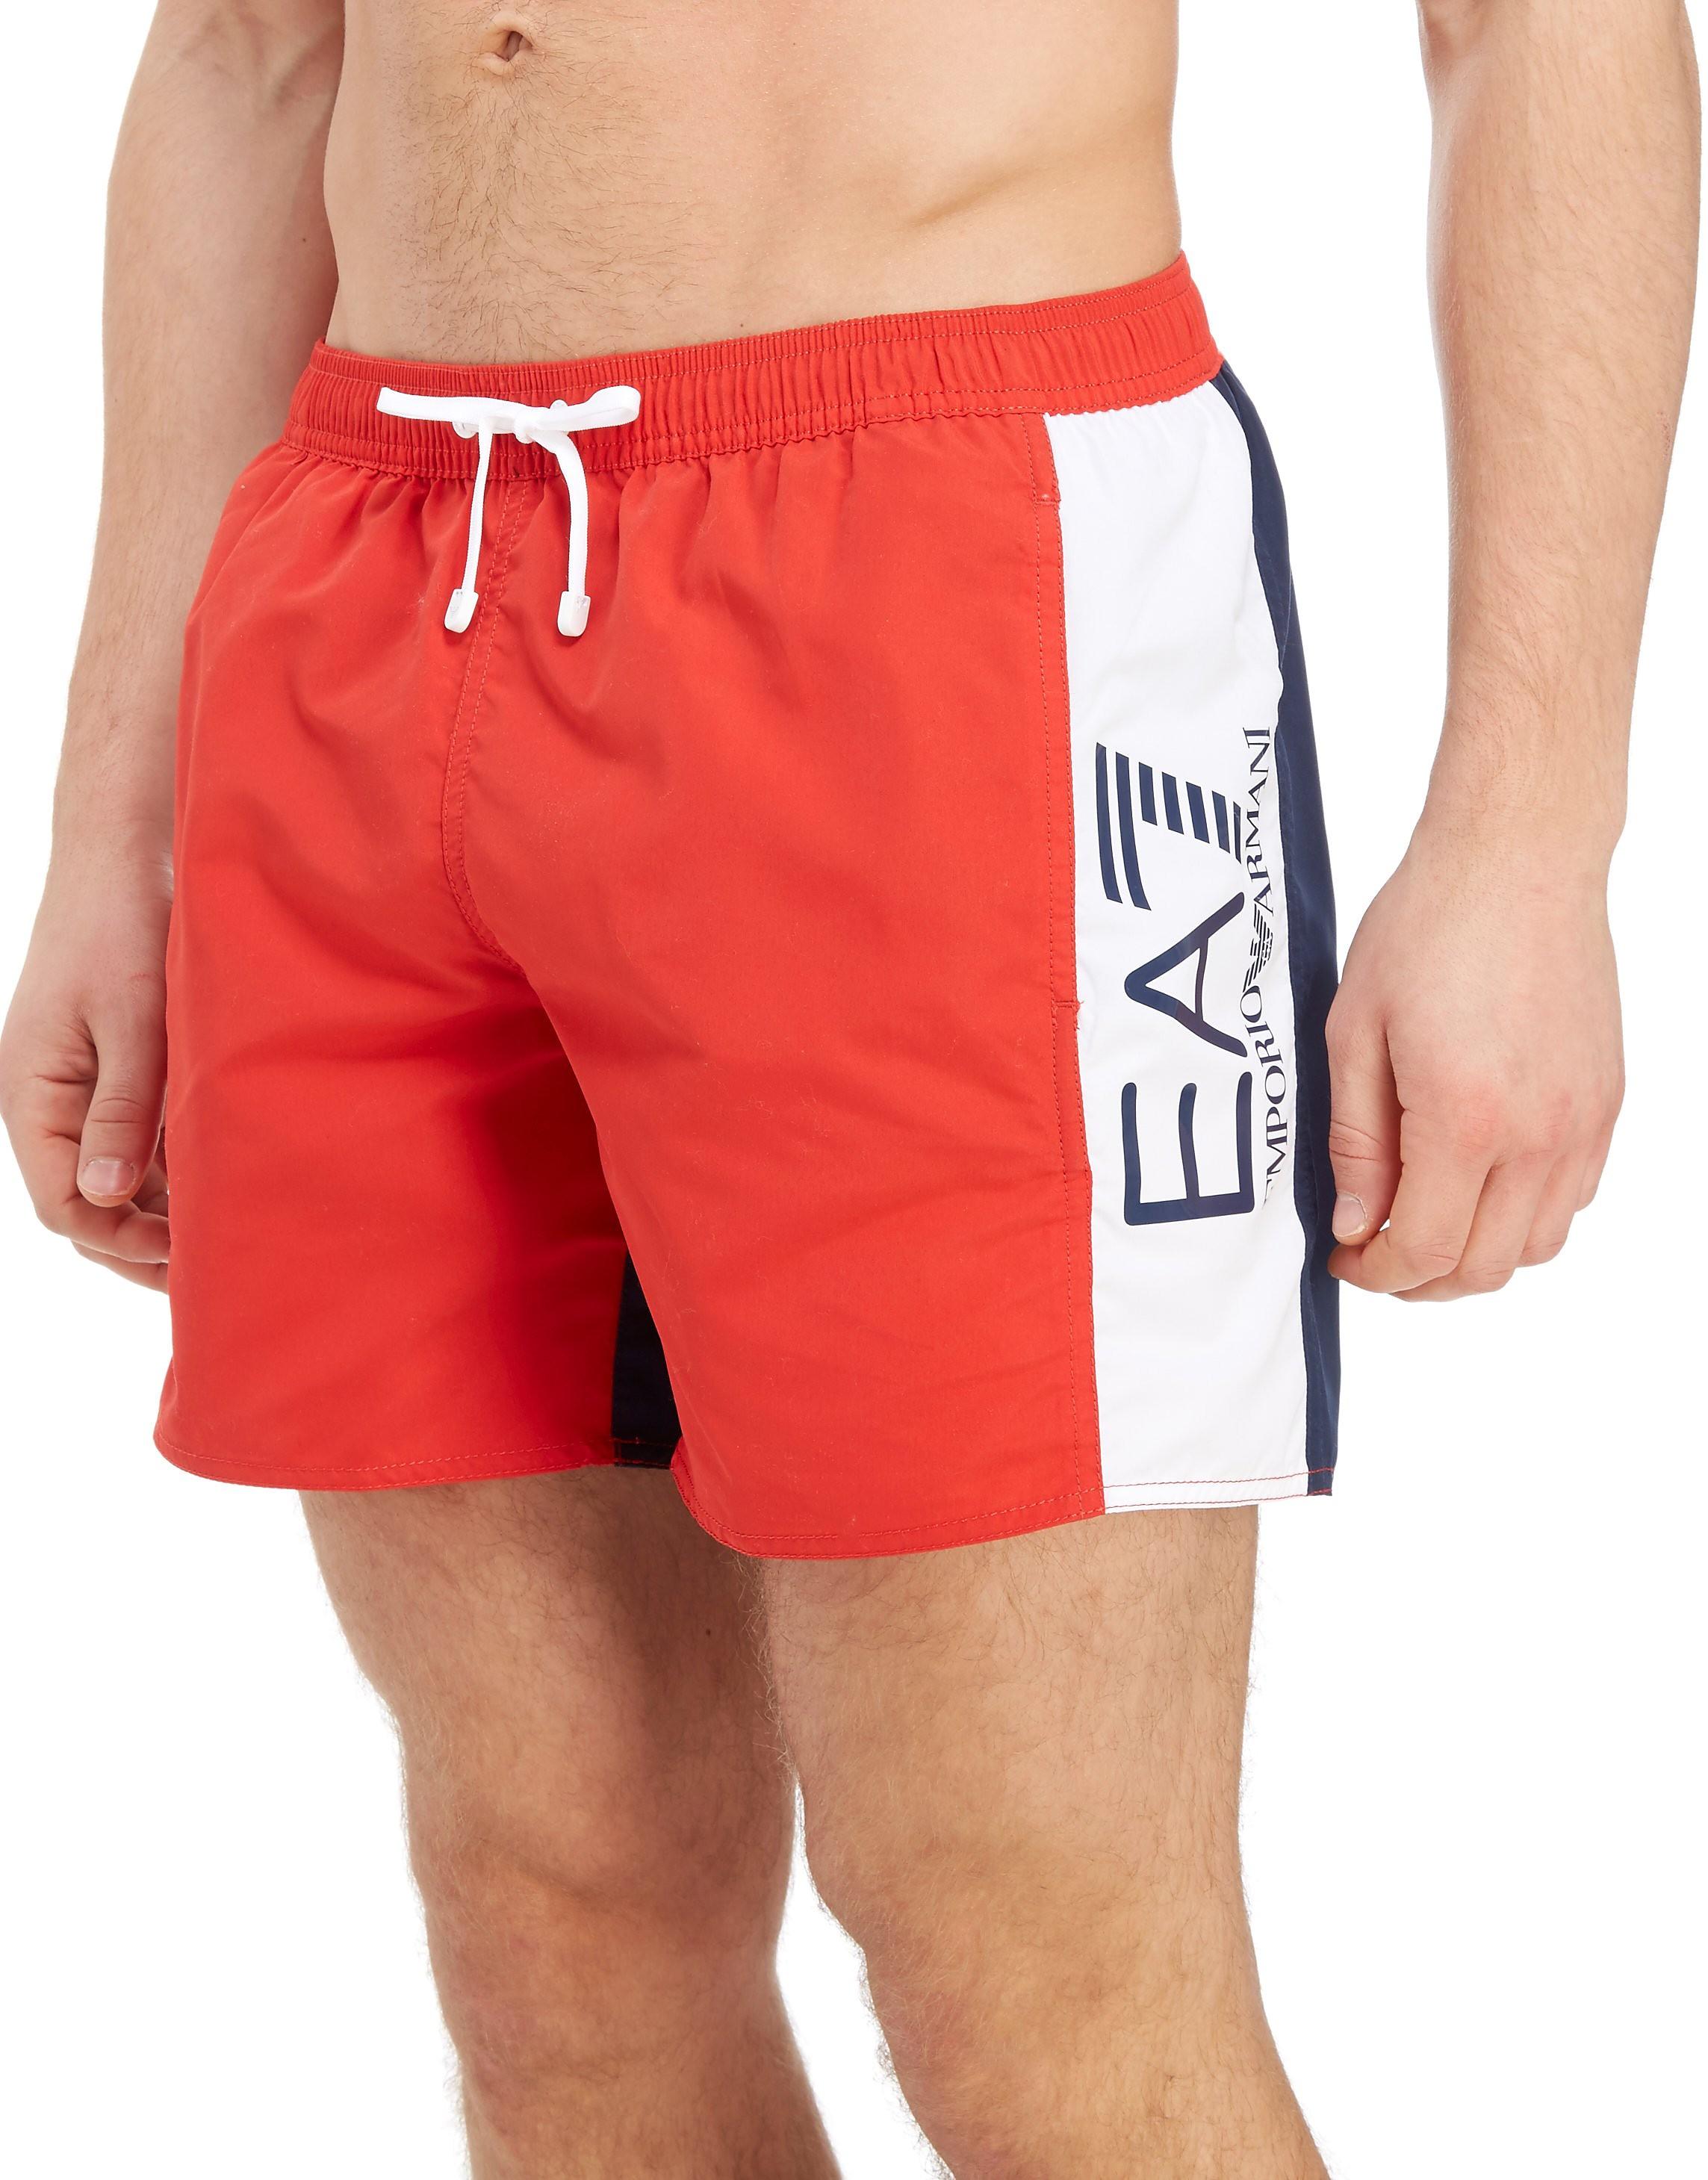 Emporio Armani EA7 Colourblock Swim Shorts